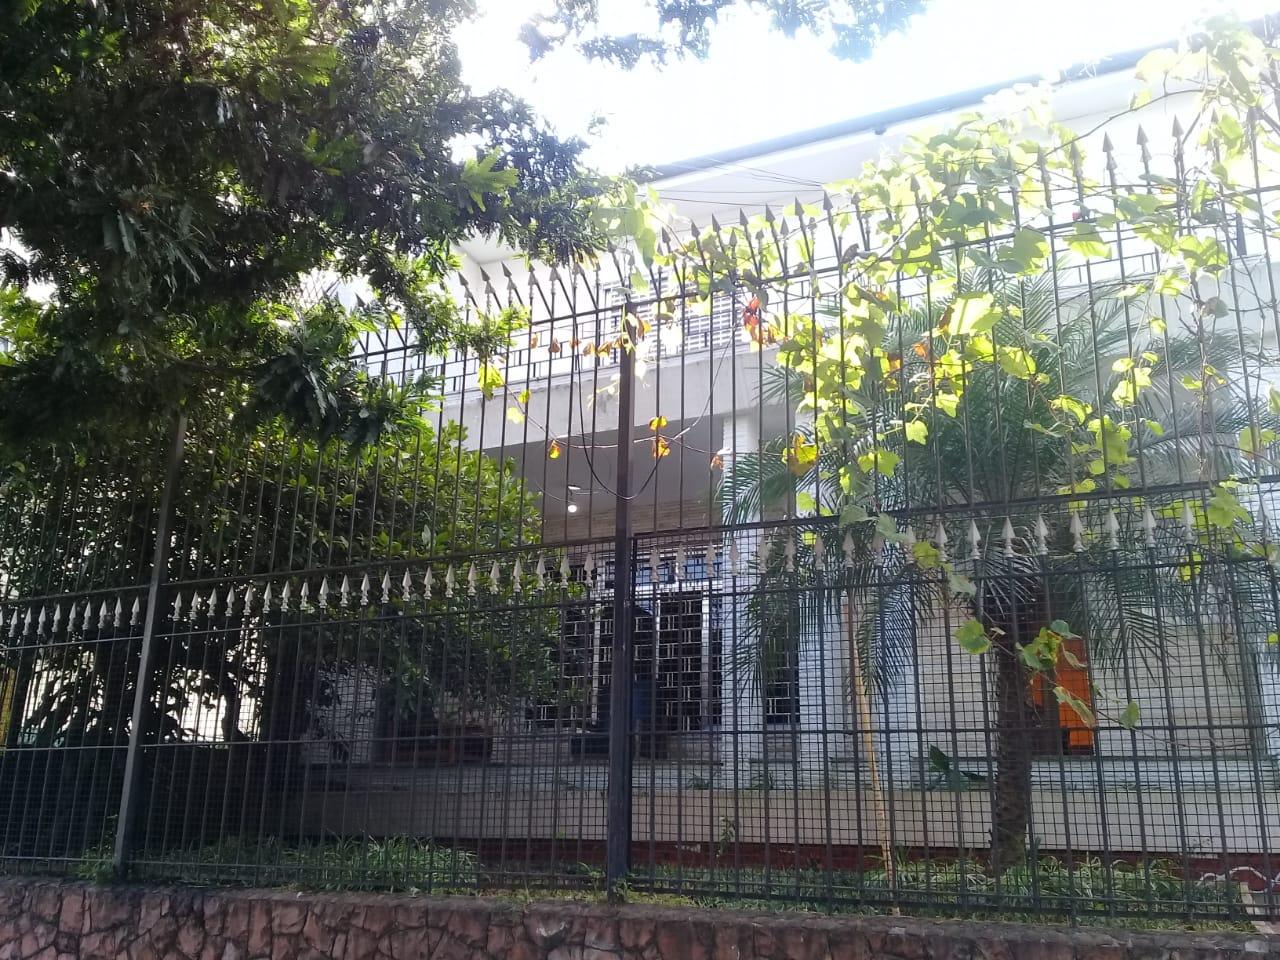 Vagas para moças e rapazes na região do Ipiranga - SP